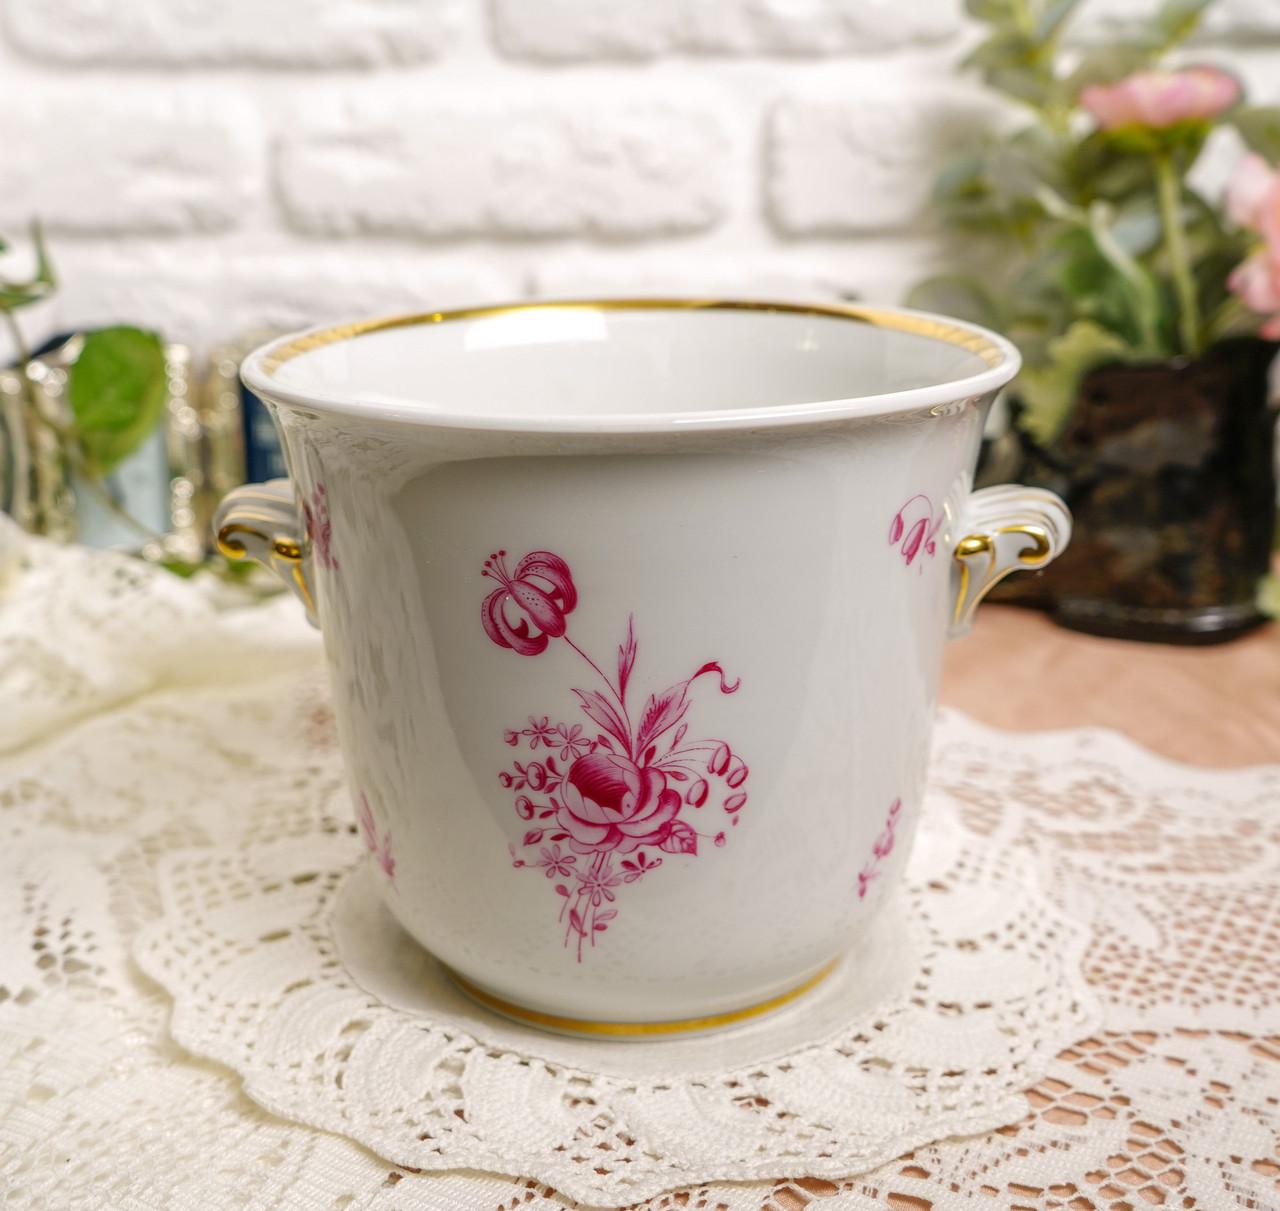 Винтажная фарфоровая ваза под цветочный горшок, кашпо, фарфор, Hutschenreuther, Германия, винтаж